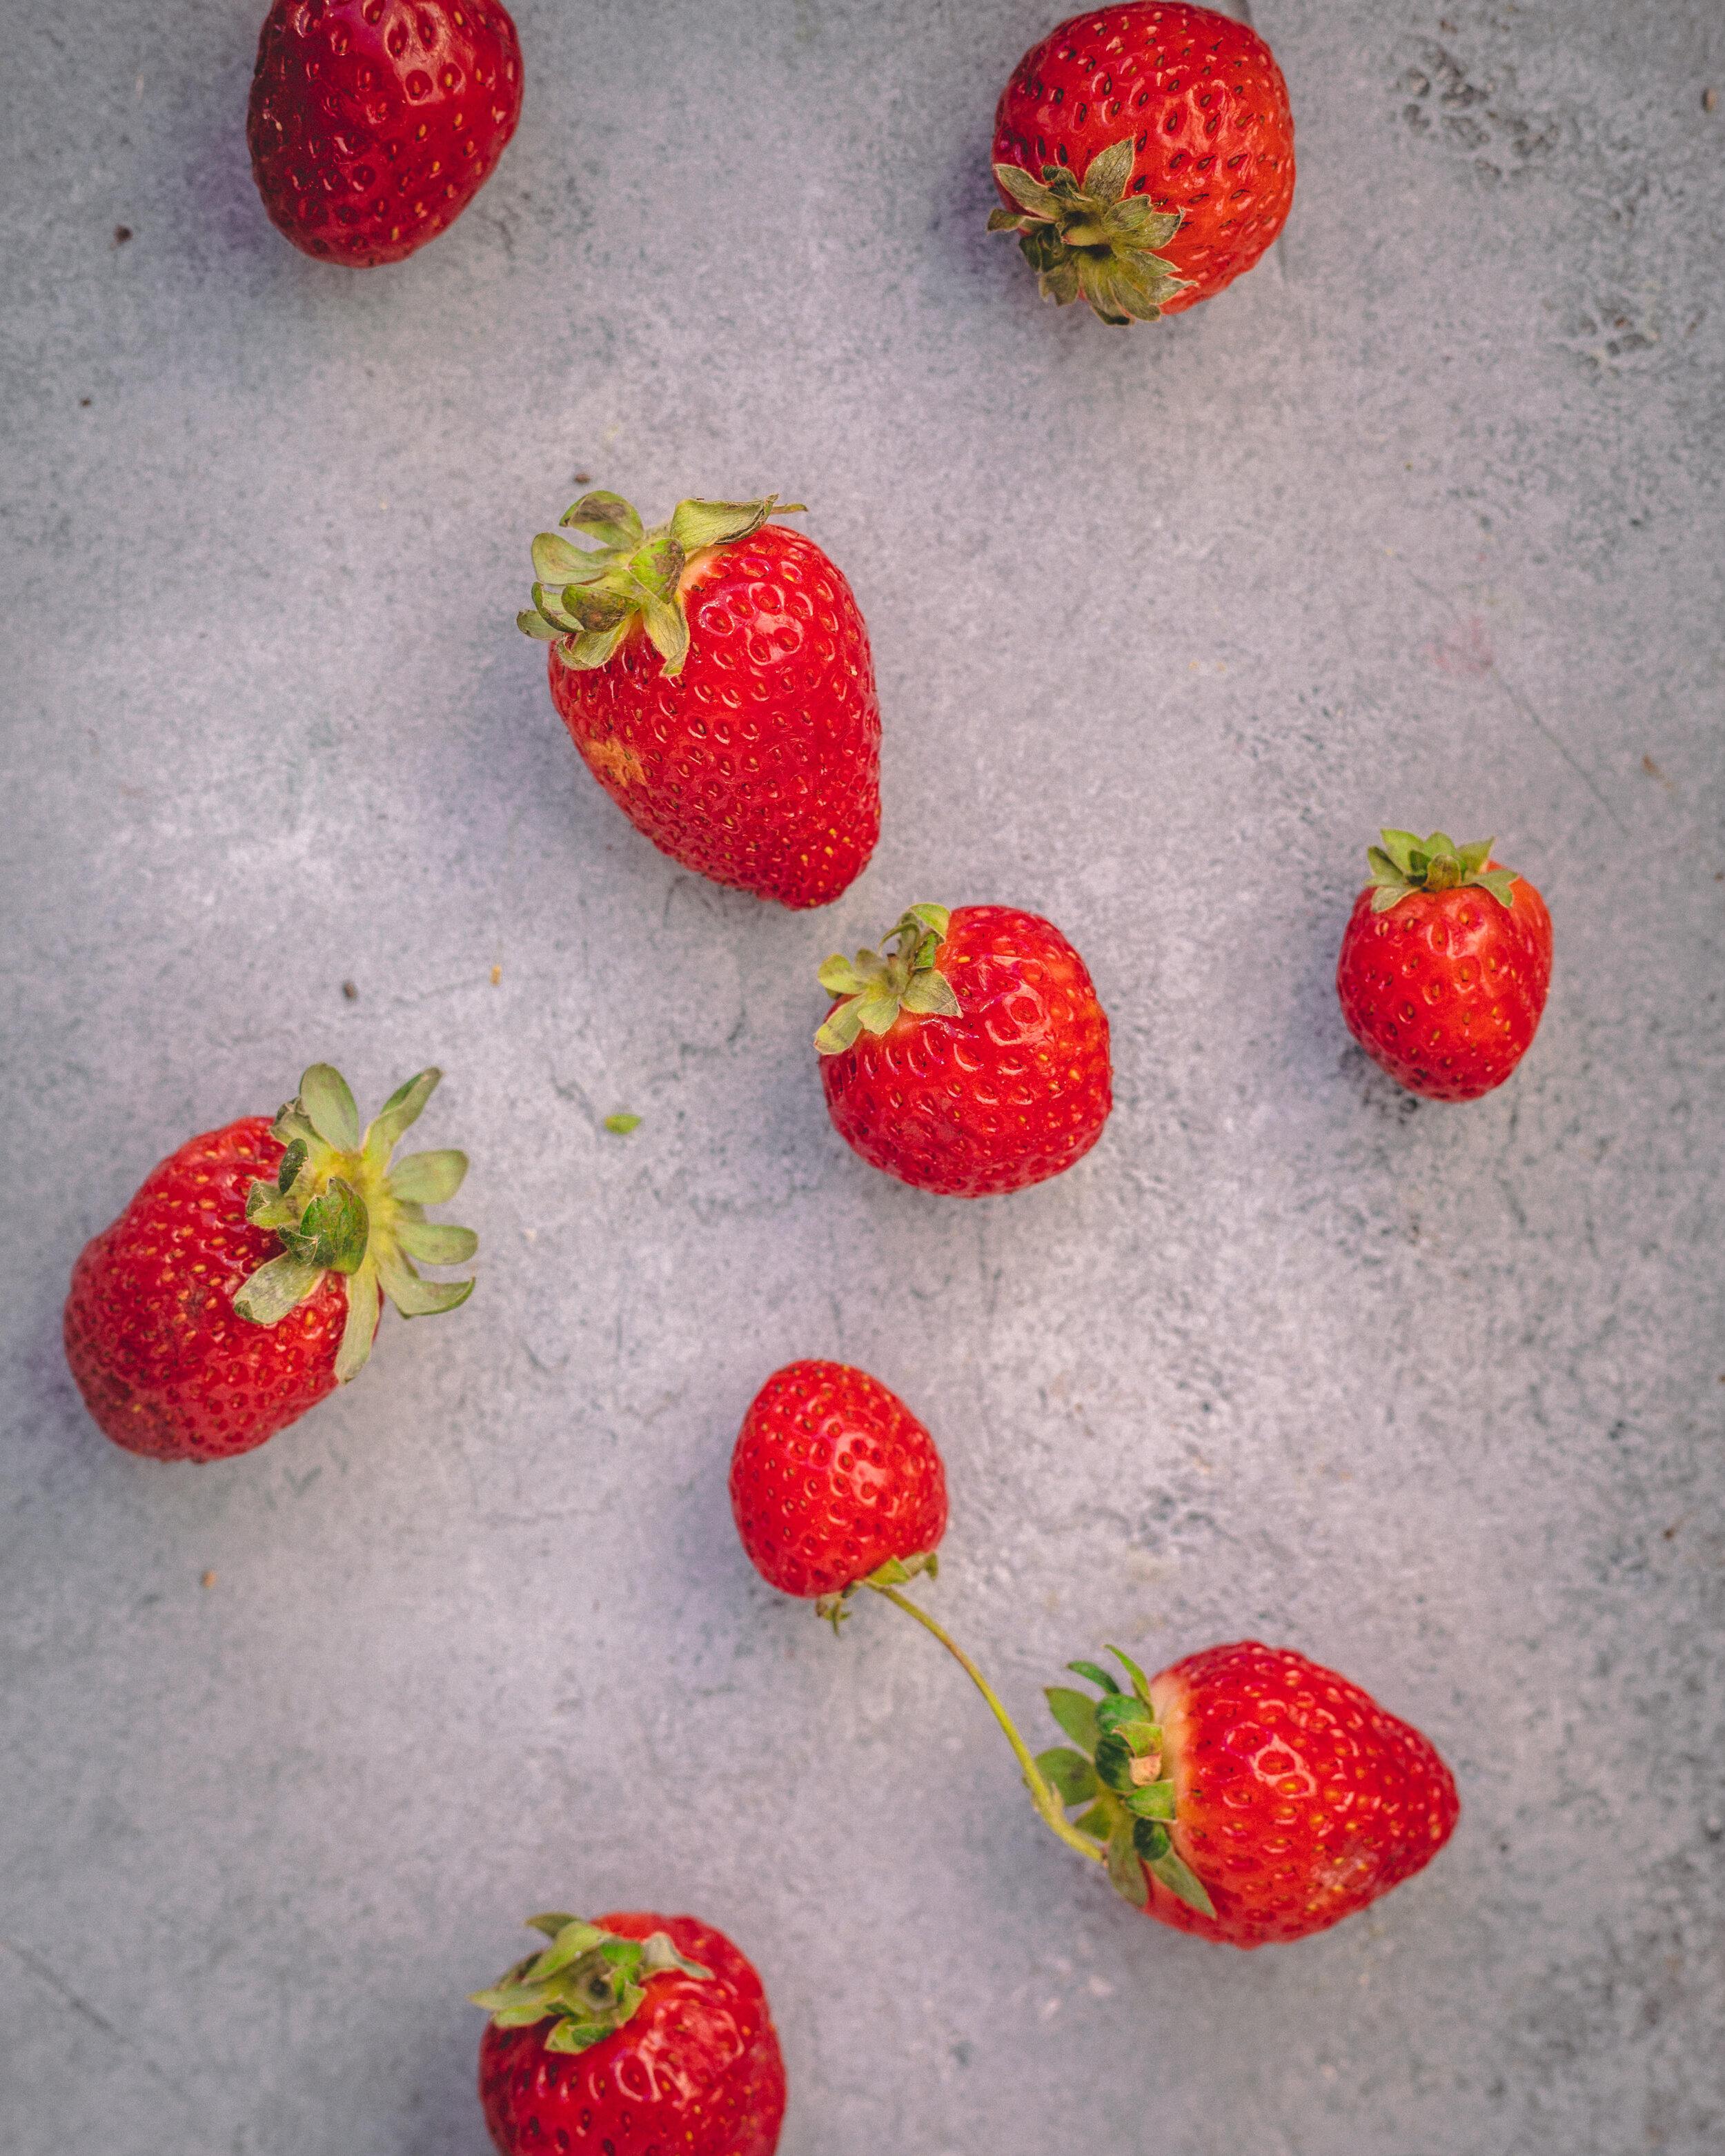 Smoothie Bowl - Strawberries.jpg